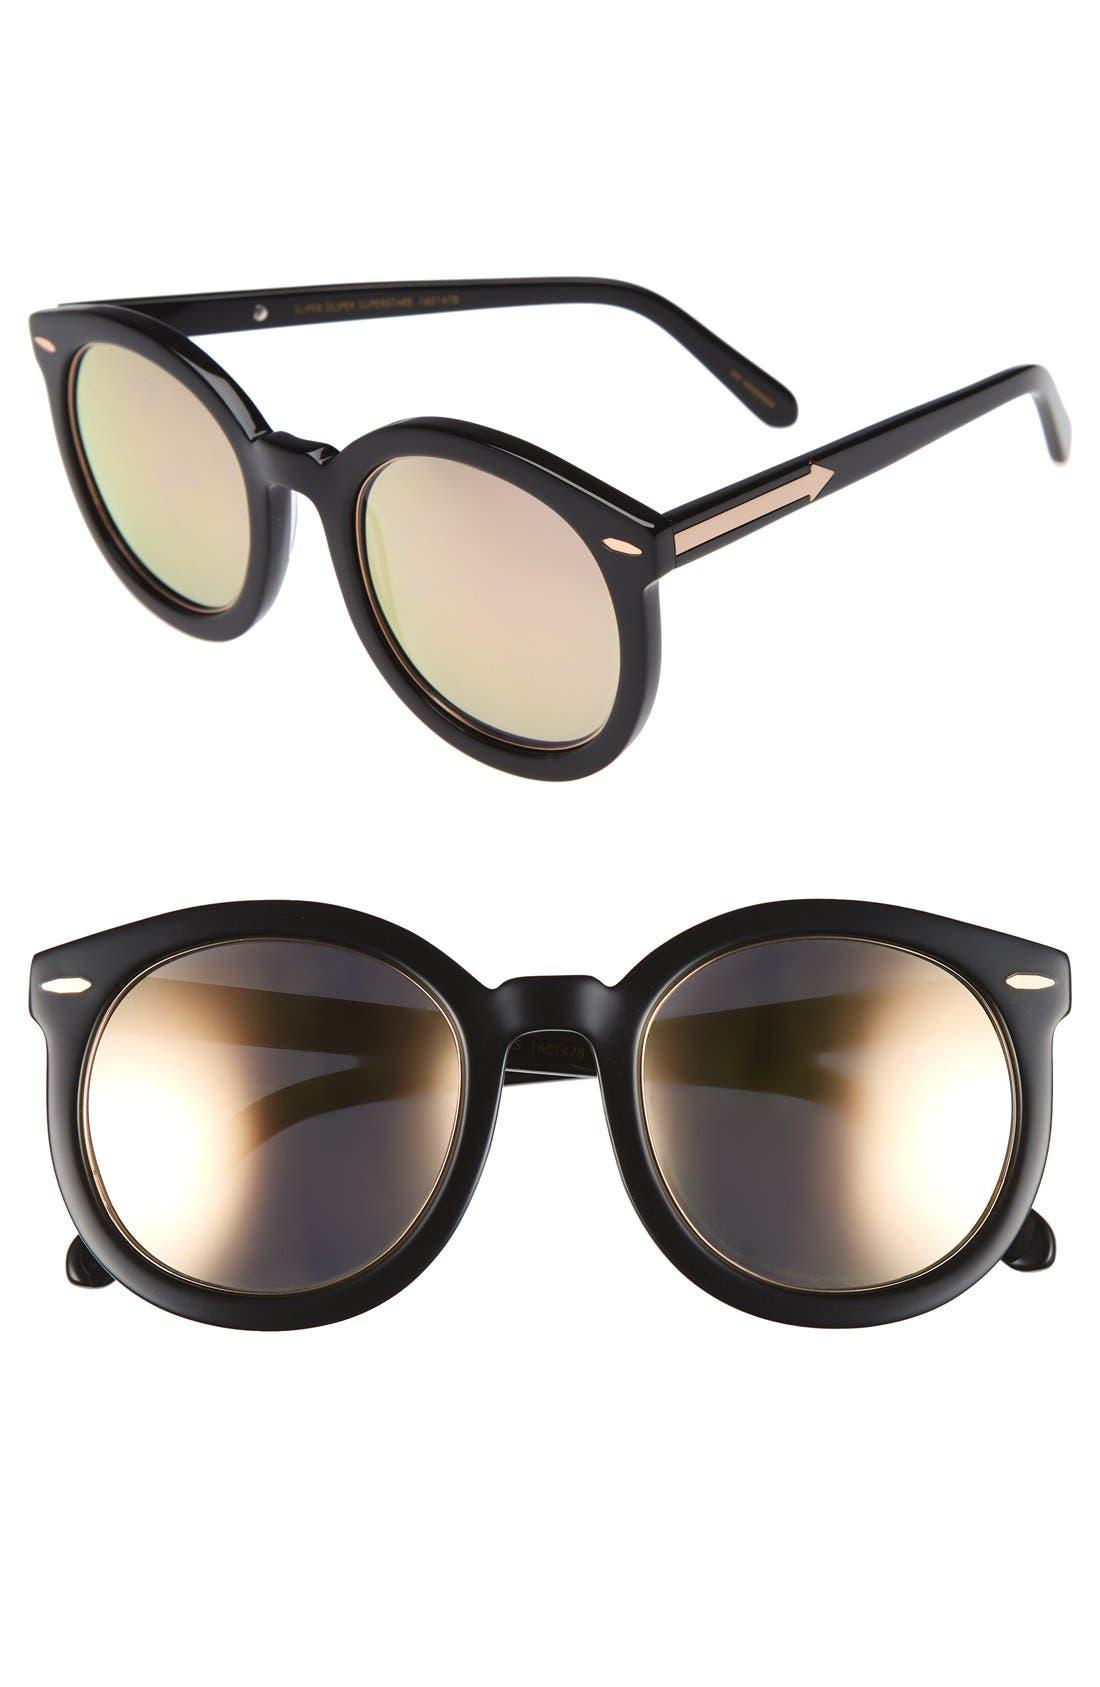 Main Image - Karen Walker 'Super Duper Superstars' 53mm Sunglasses